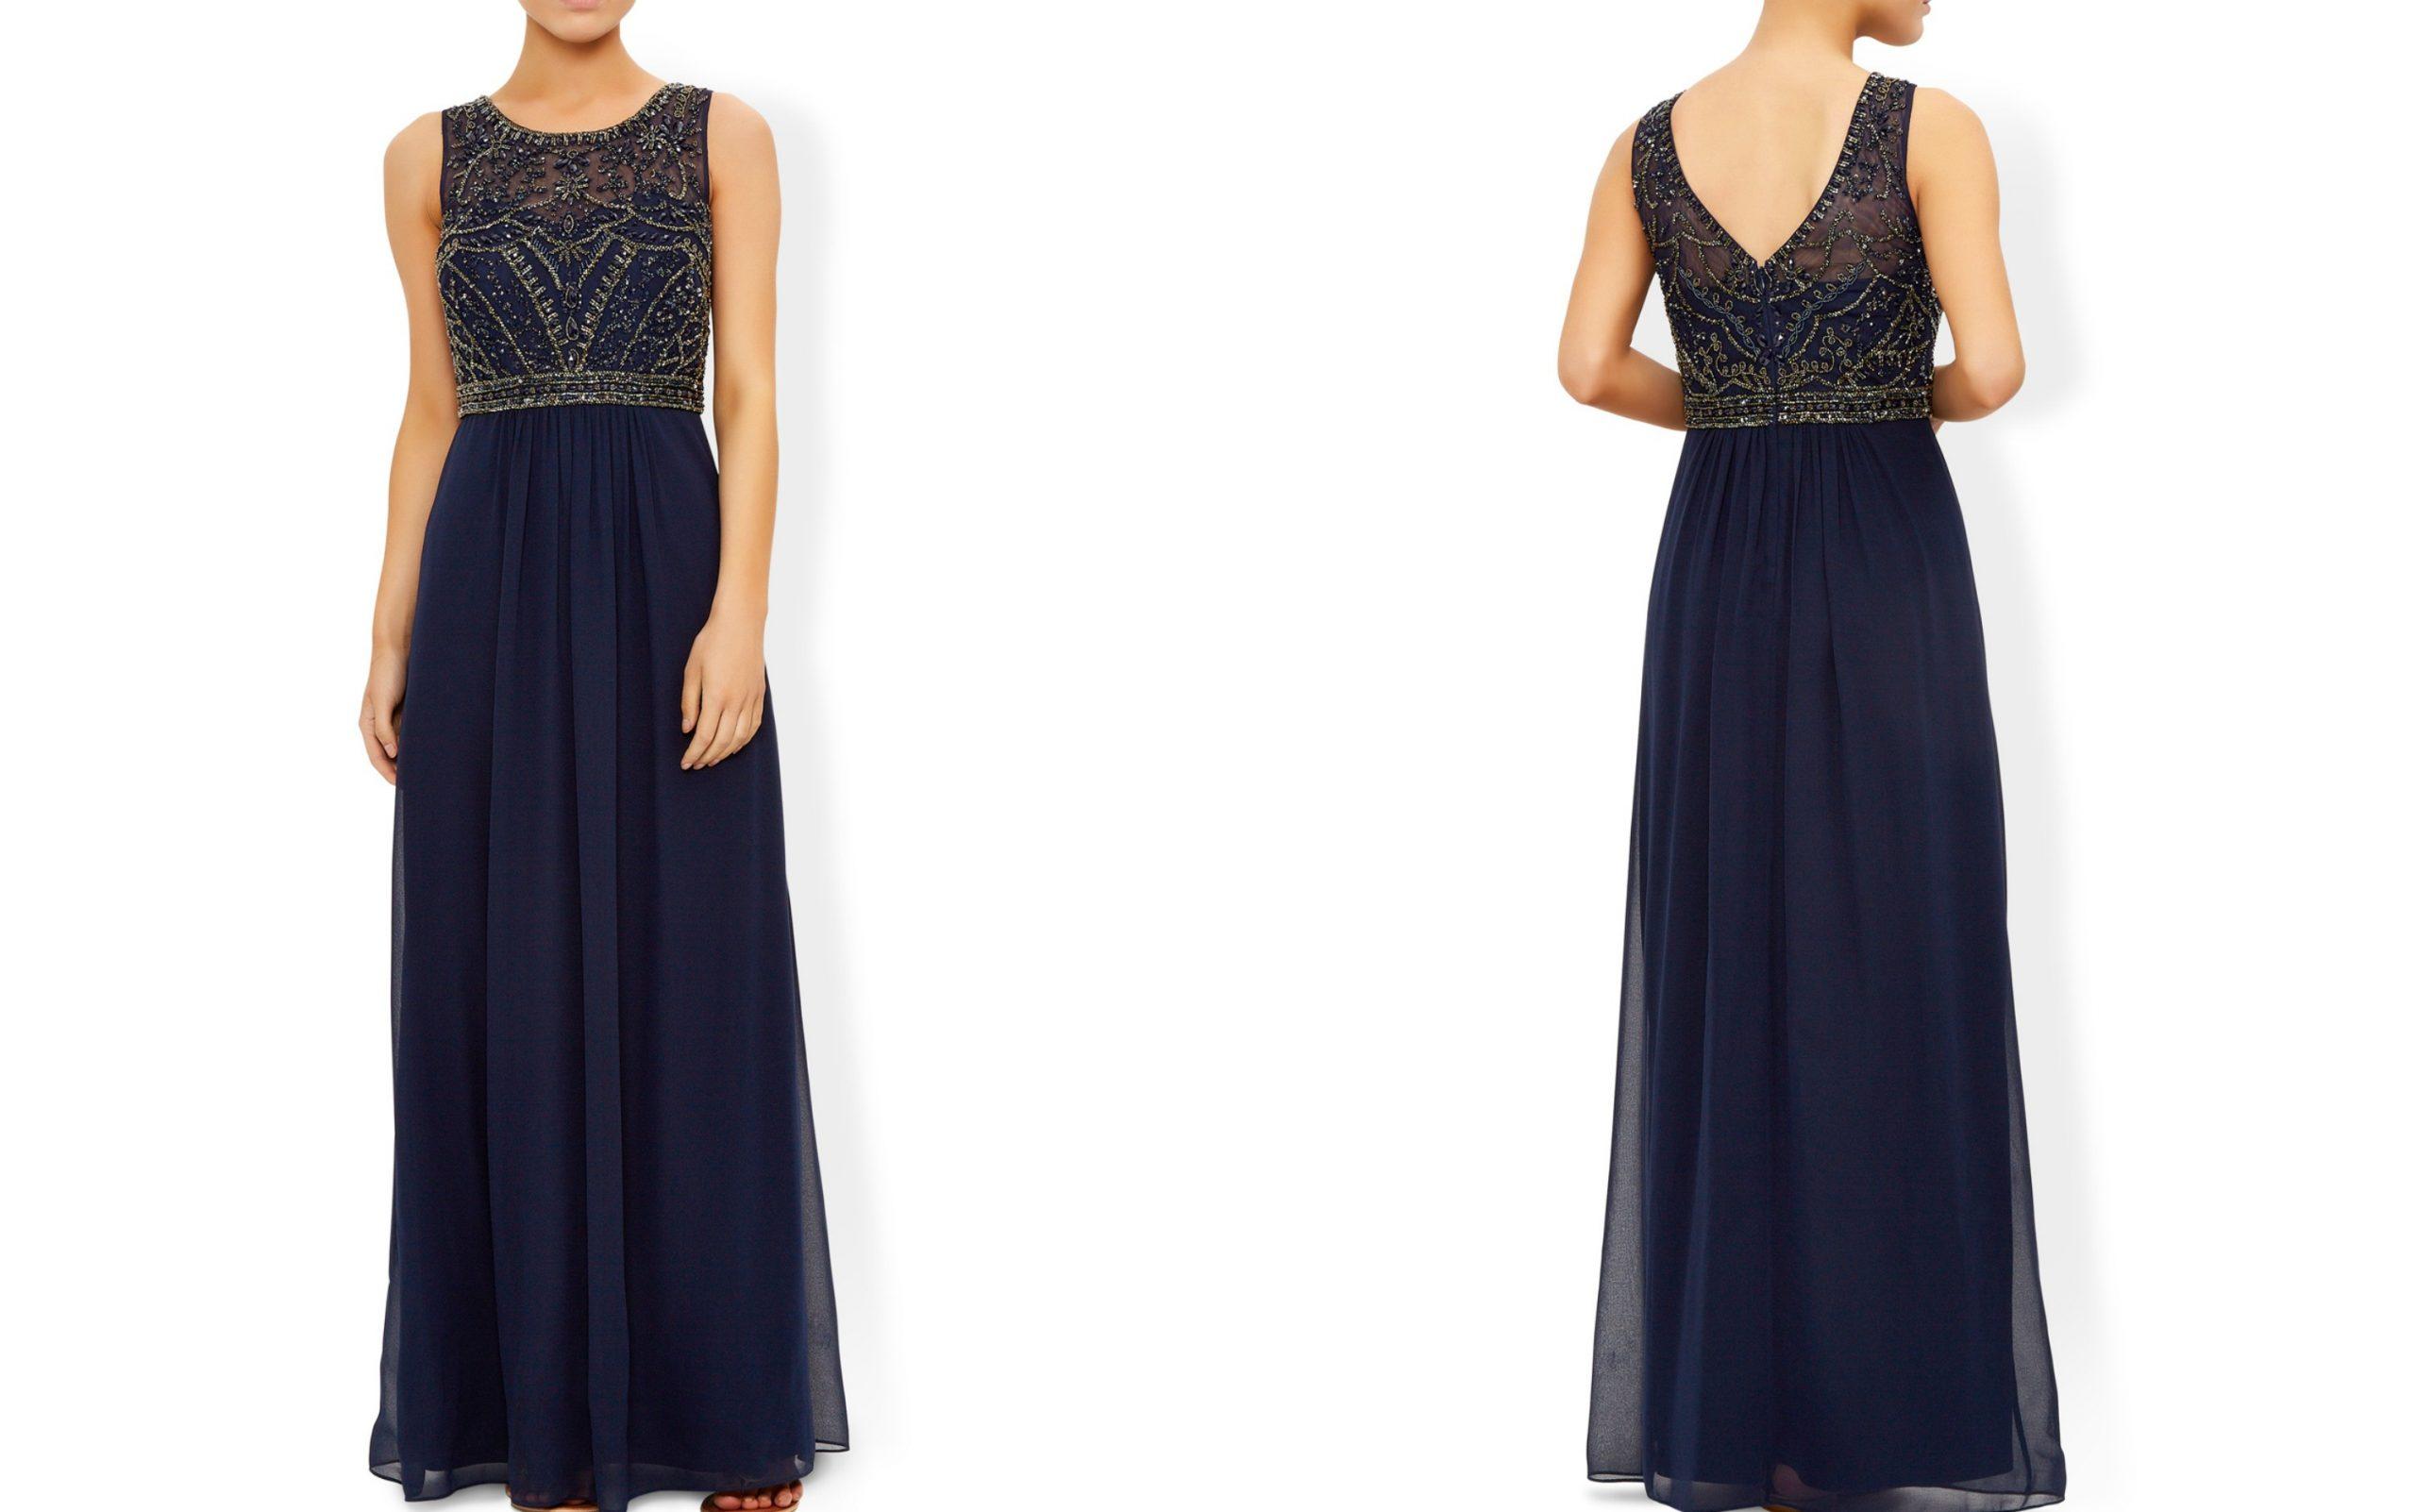 15 Fantastisch Abendkleid Fairtrade Design Einzigartig Abendkleid Fairtrade für 2019